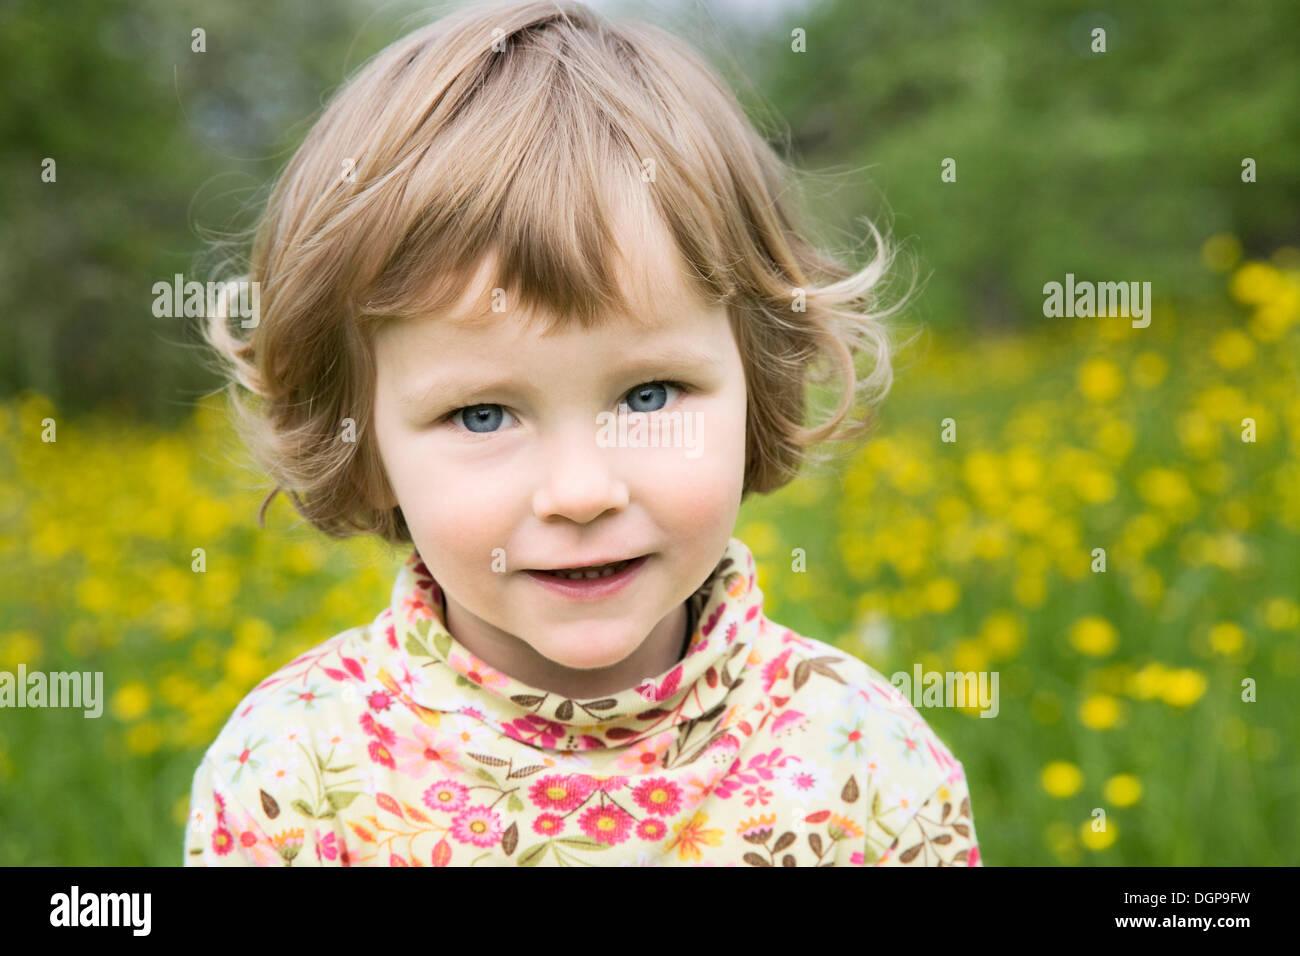 kleine mädchen stehen auf einer blumenwiese, porträt